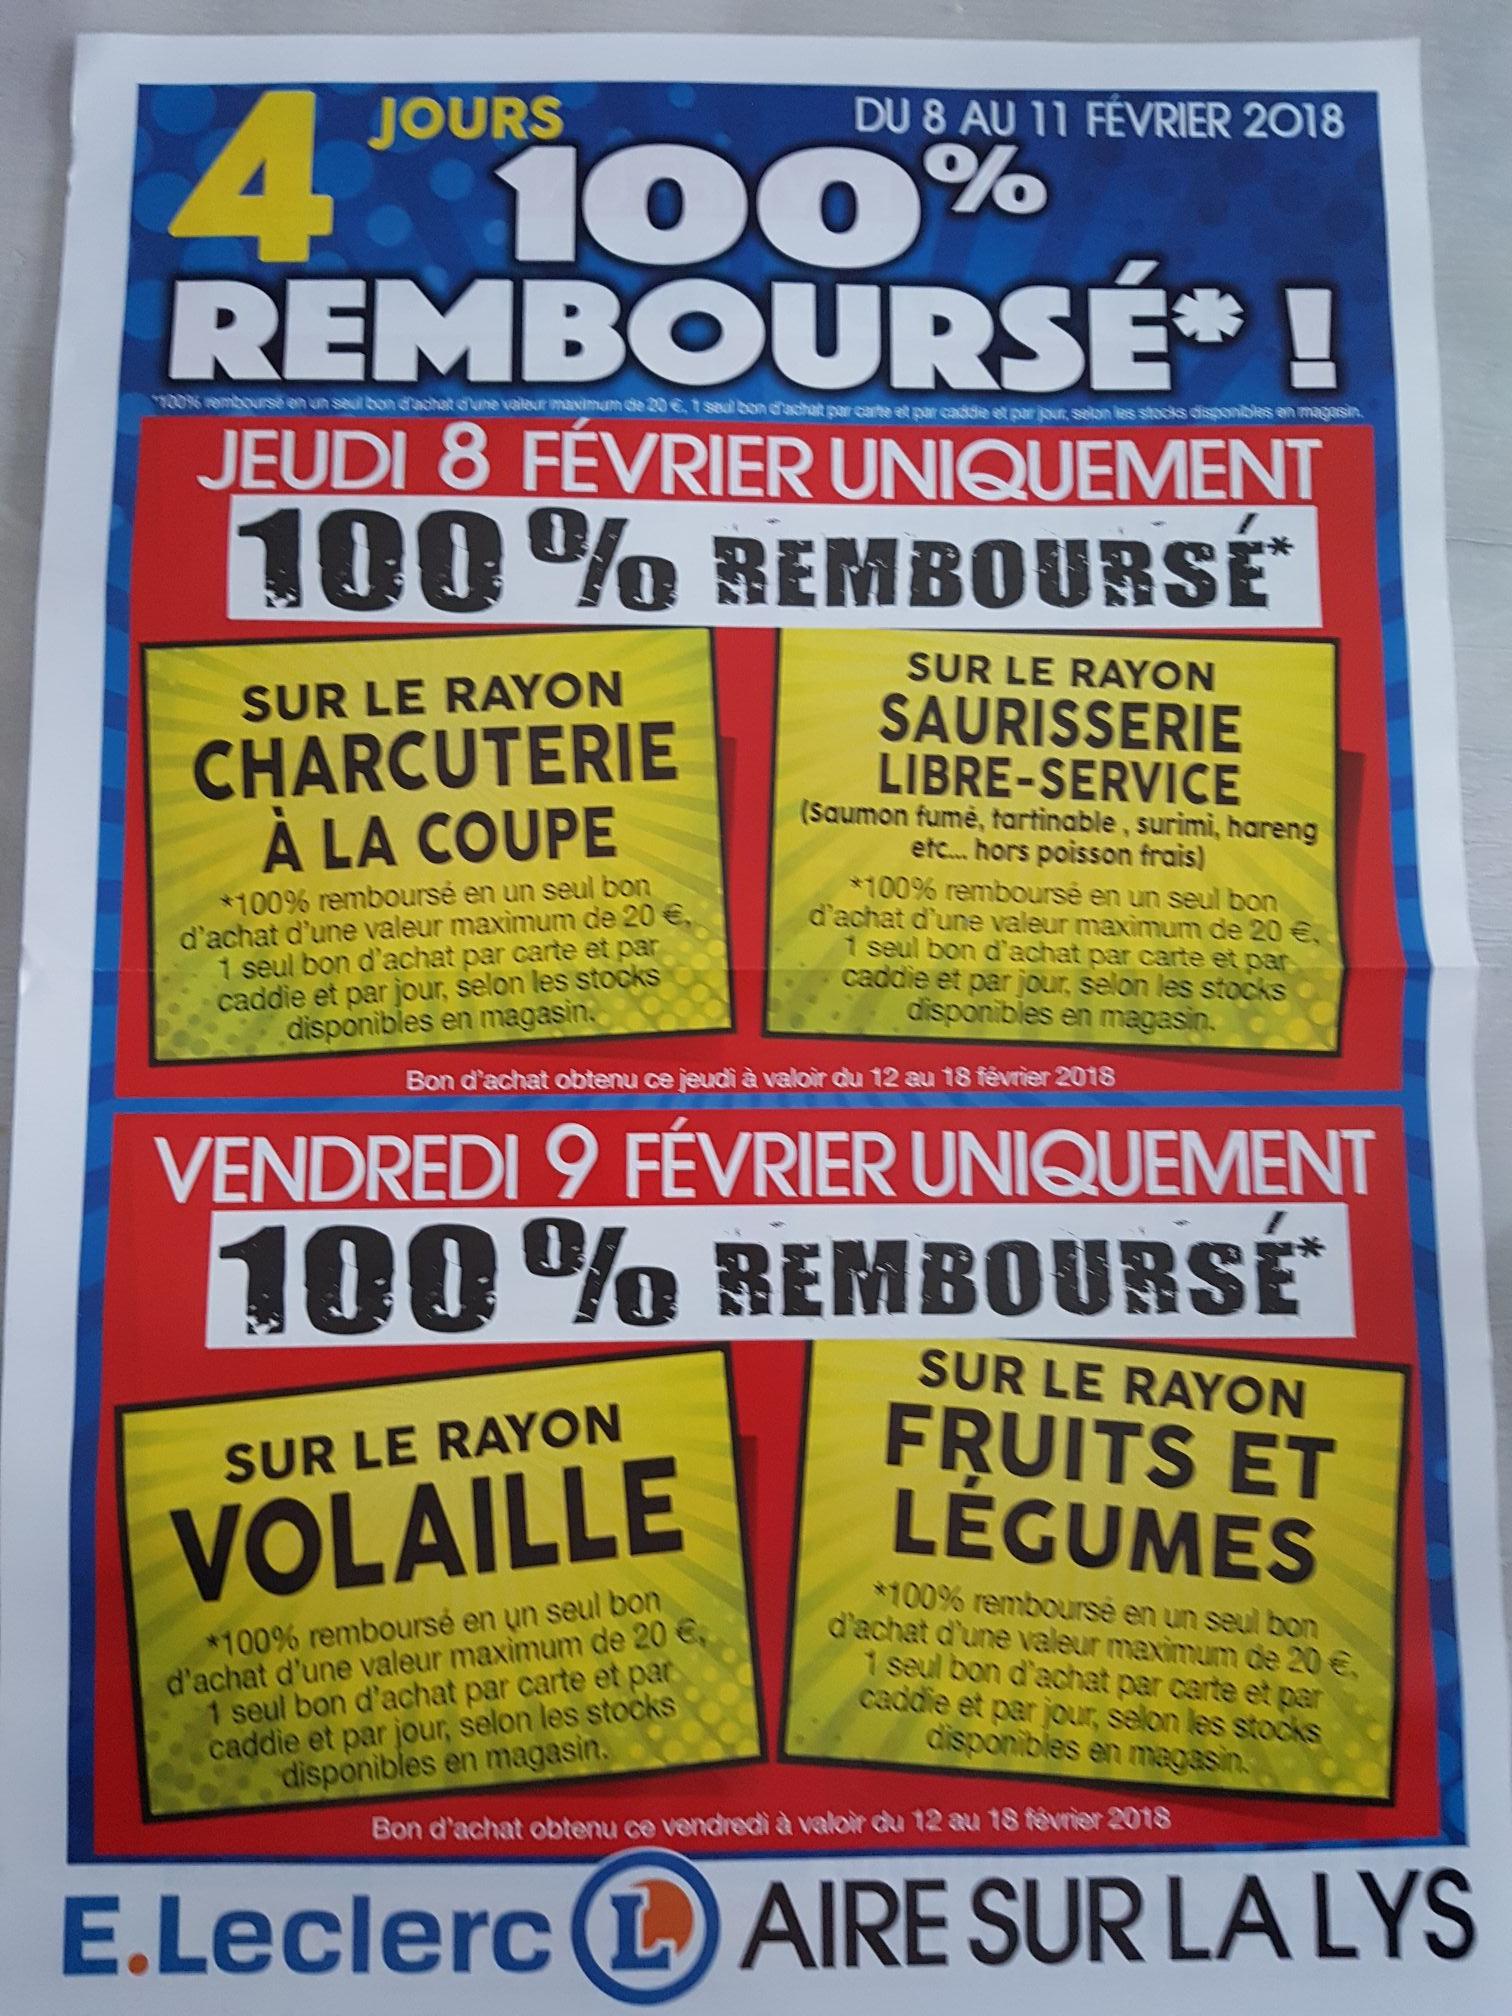 Un bon d'achat offert pour l'achat de produits sur une sélection de rayon (20€ max. / bon) - Ex : jeudi 8 février - rayons Charcuterie à la Coupe + Saurisserie Libre-Service au E.Leclerc Aire-sur-la-Lys (62)